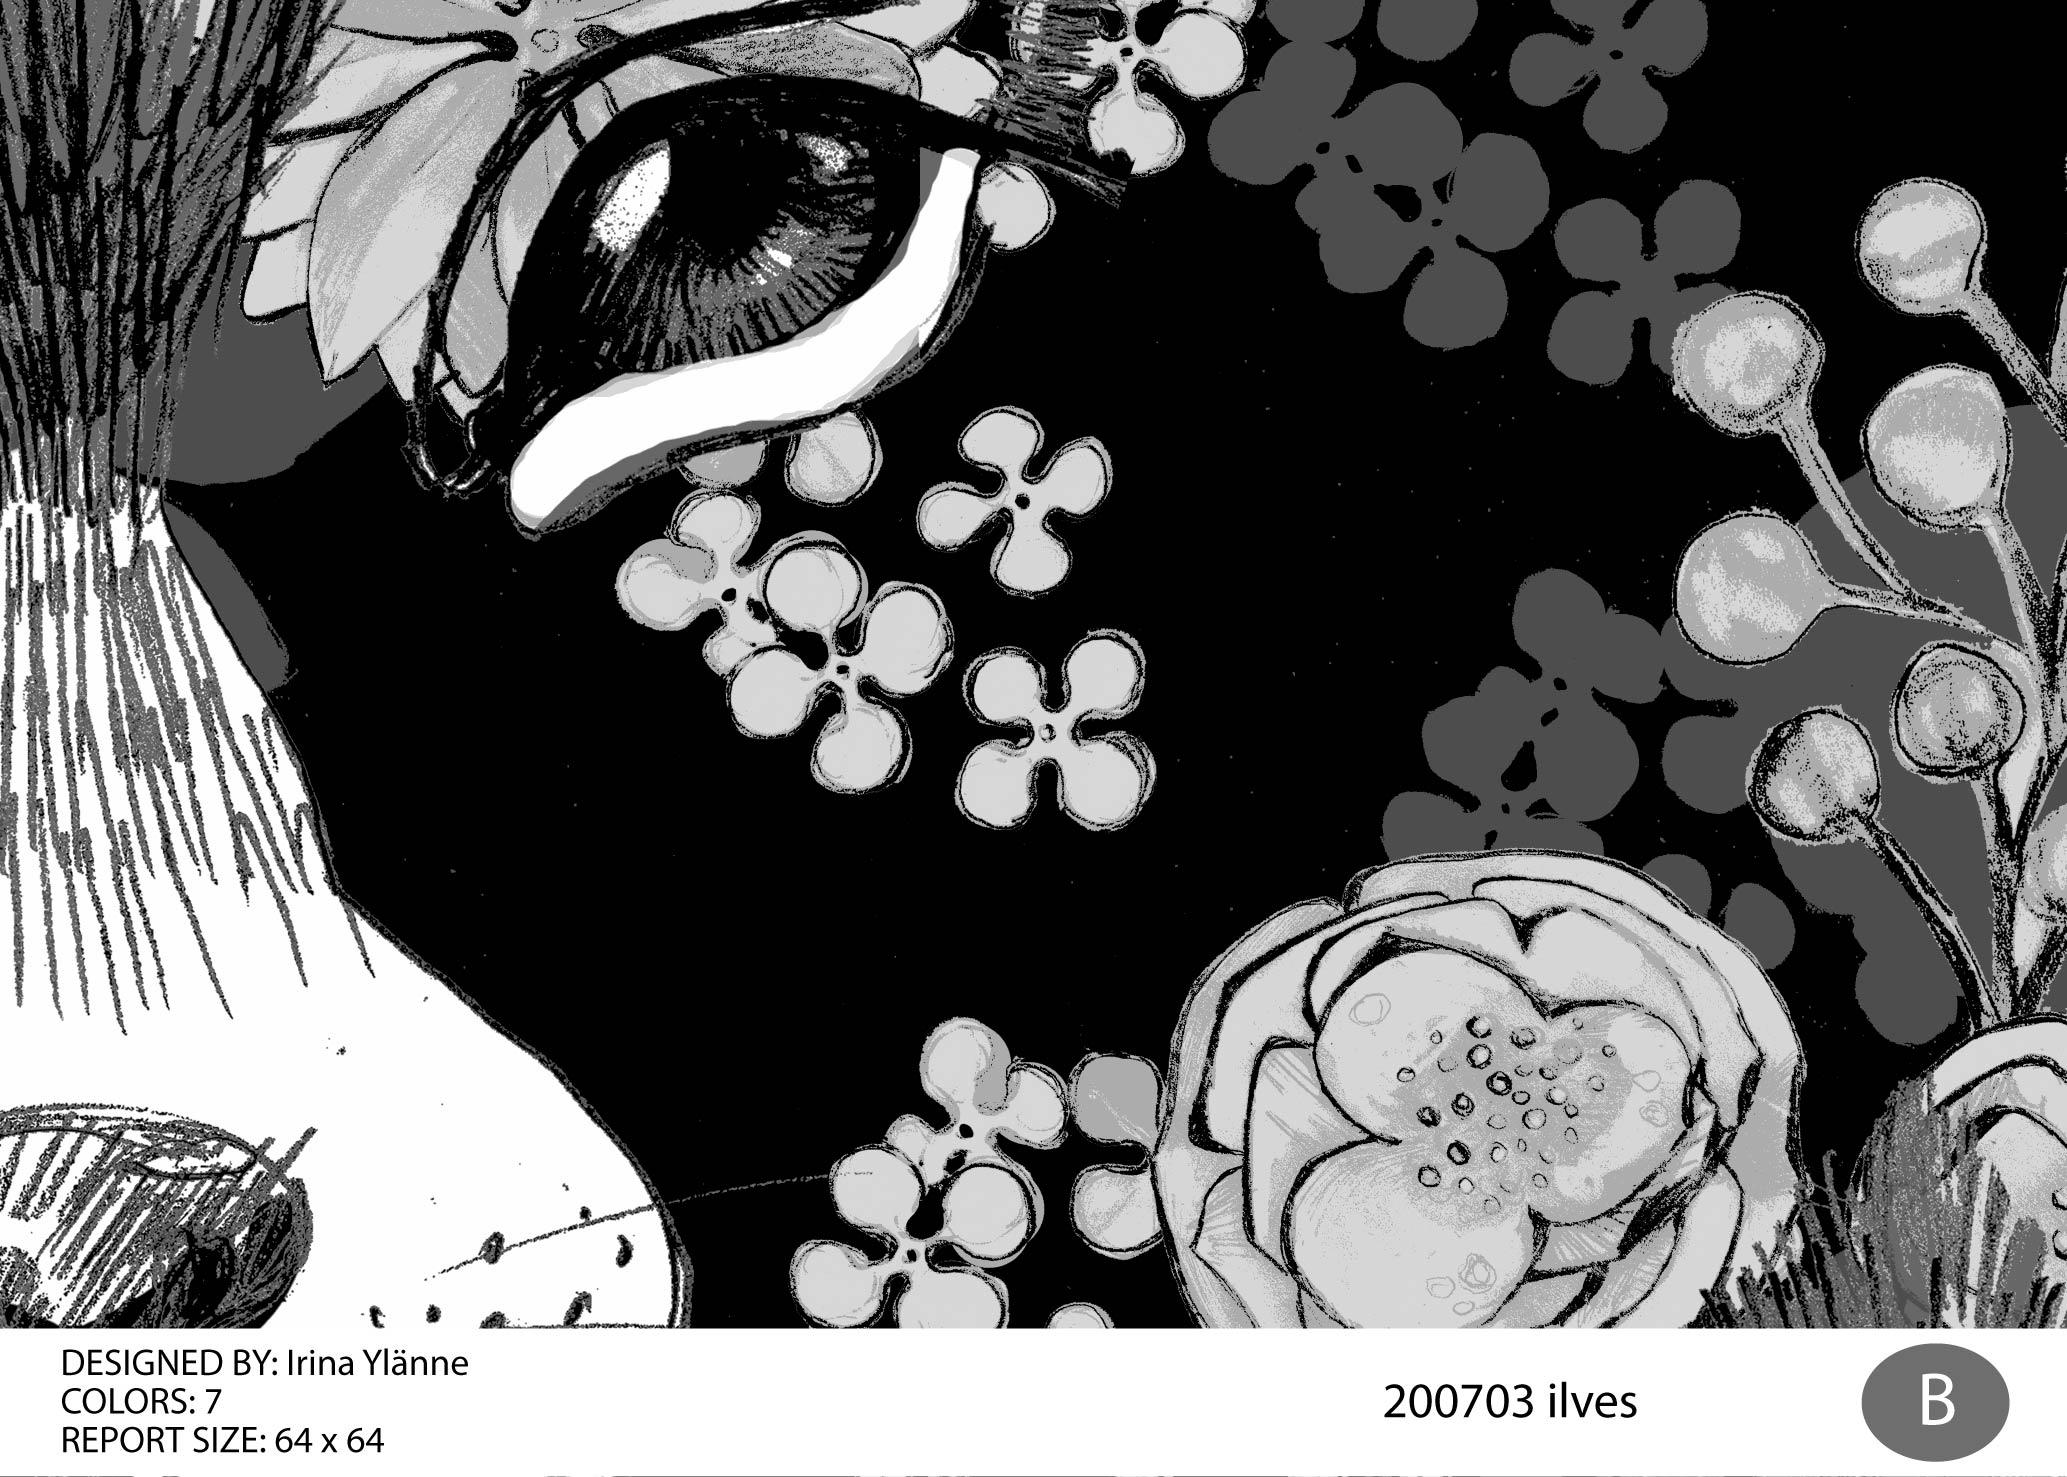 irina_ilves_200703-01